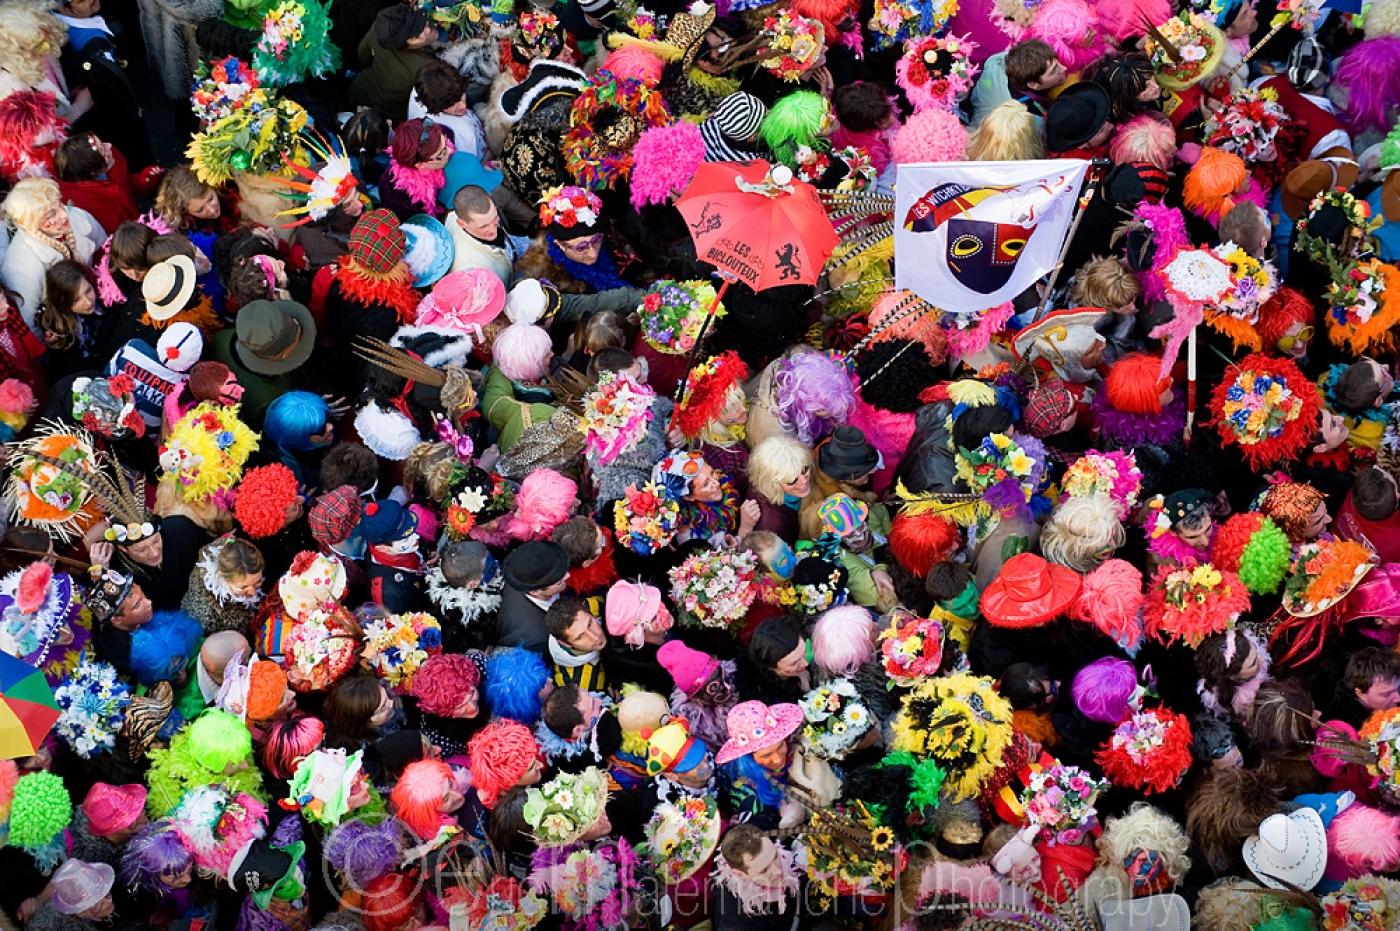 http://www.ericmalemanche.com/imagess/topics/carnaval-de-dunkerque/liste/Carnaval-Dunkerque-0562.jpg